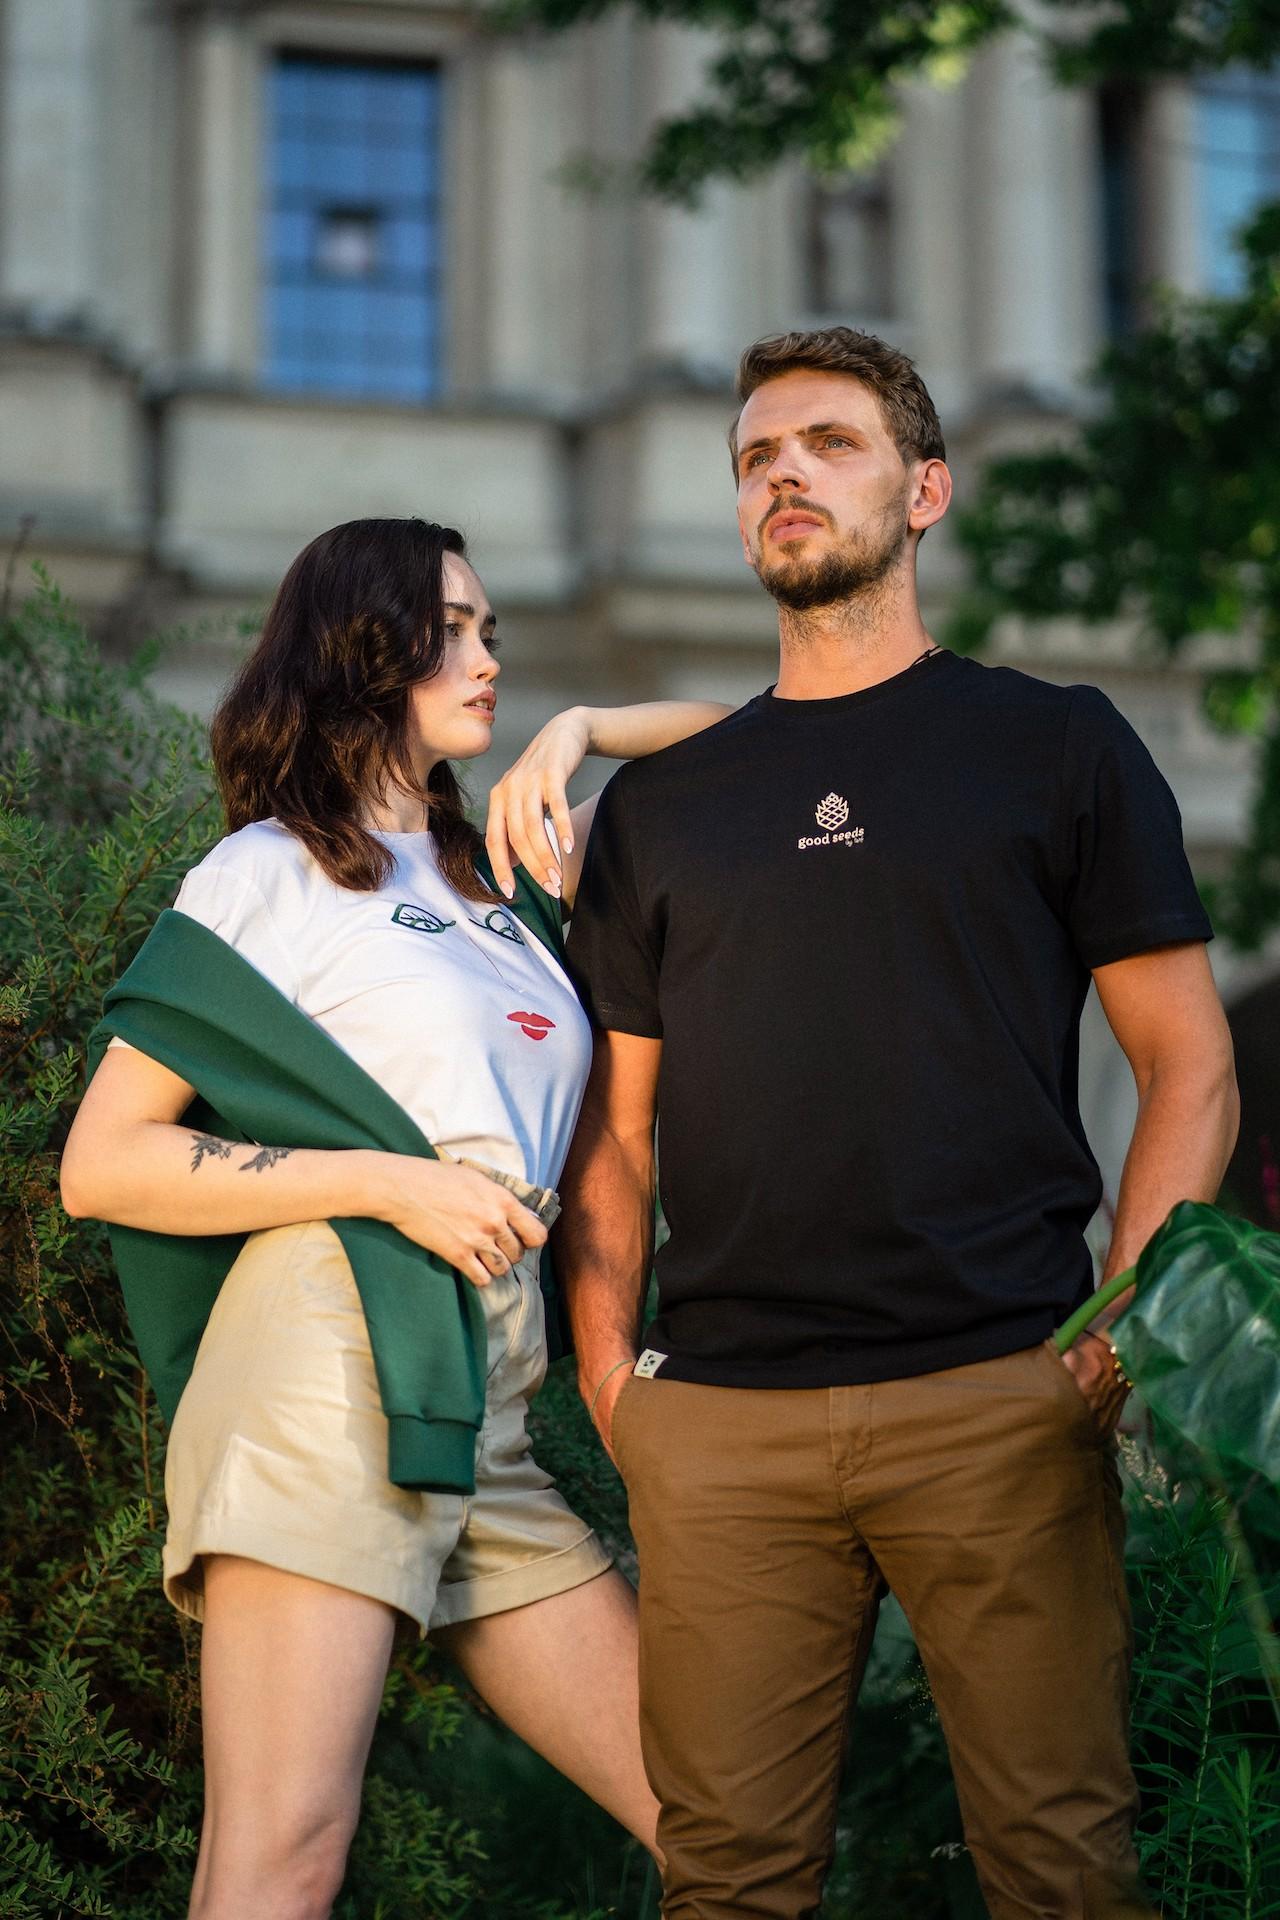 Leafwear - people